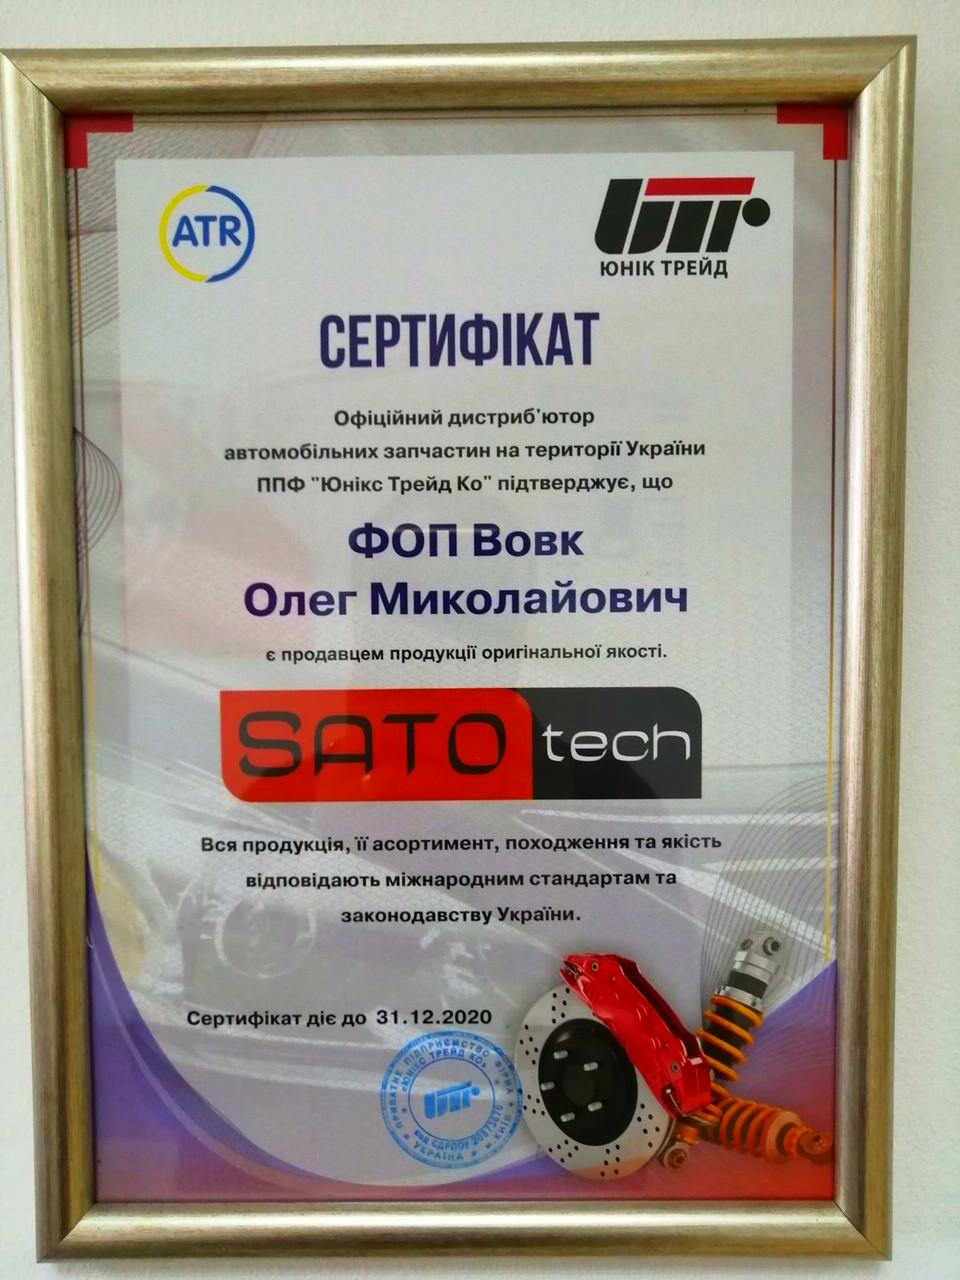 SATO Амортизатор Premium Civic VIII Hatchback 05-